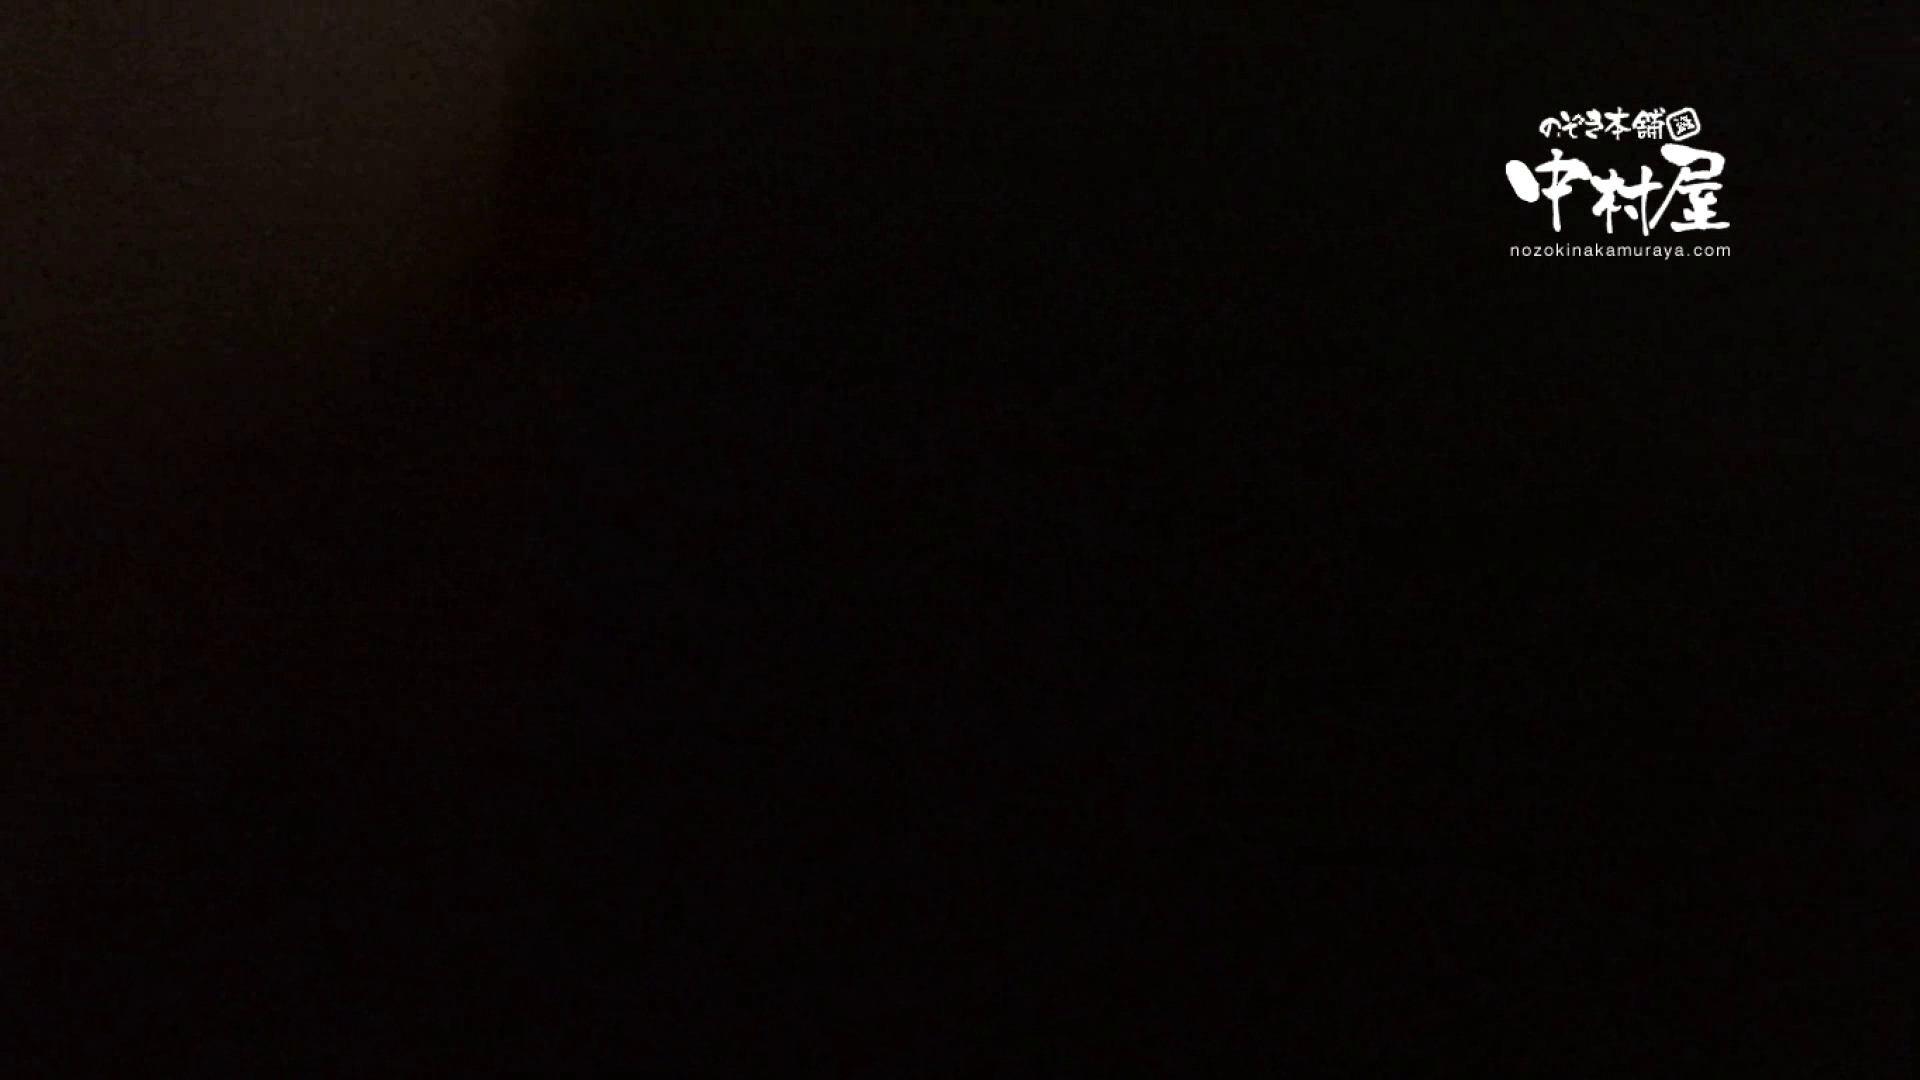 鬼畜 vol.06 中出し処刑! 前編 中出し オメコ無修正動画無料 101pic 26